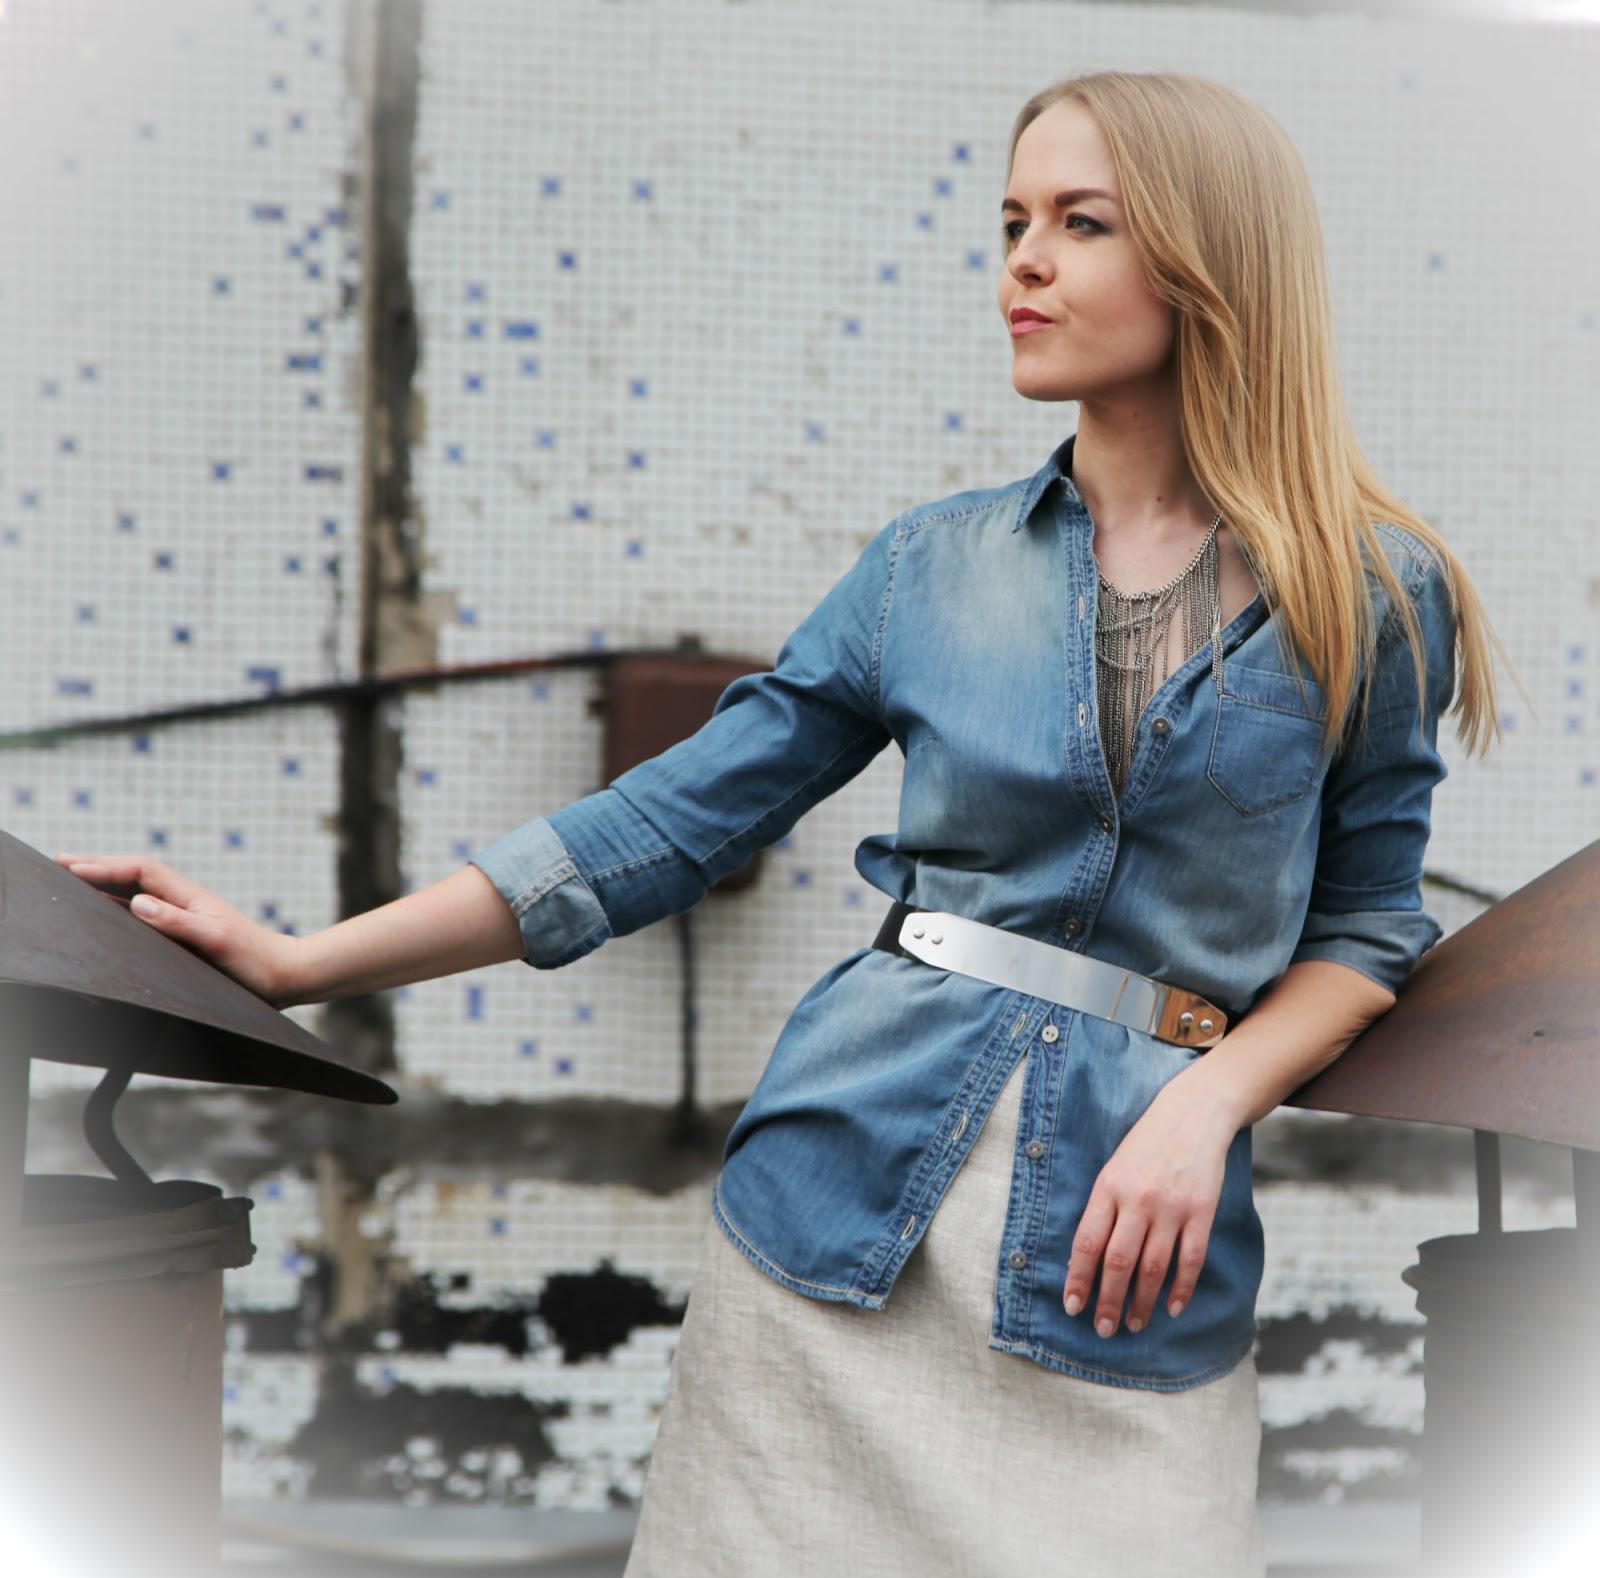 Гранддресс Женская Одежда Больших Размеров Доставка